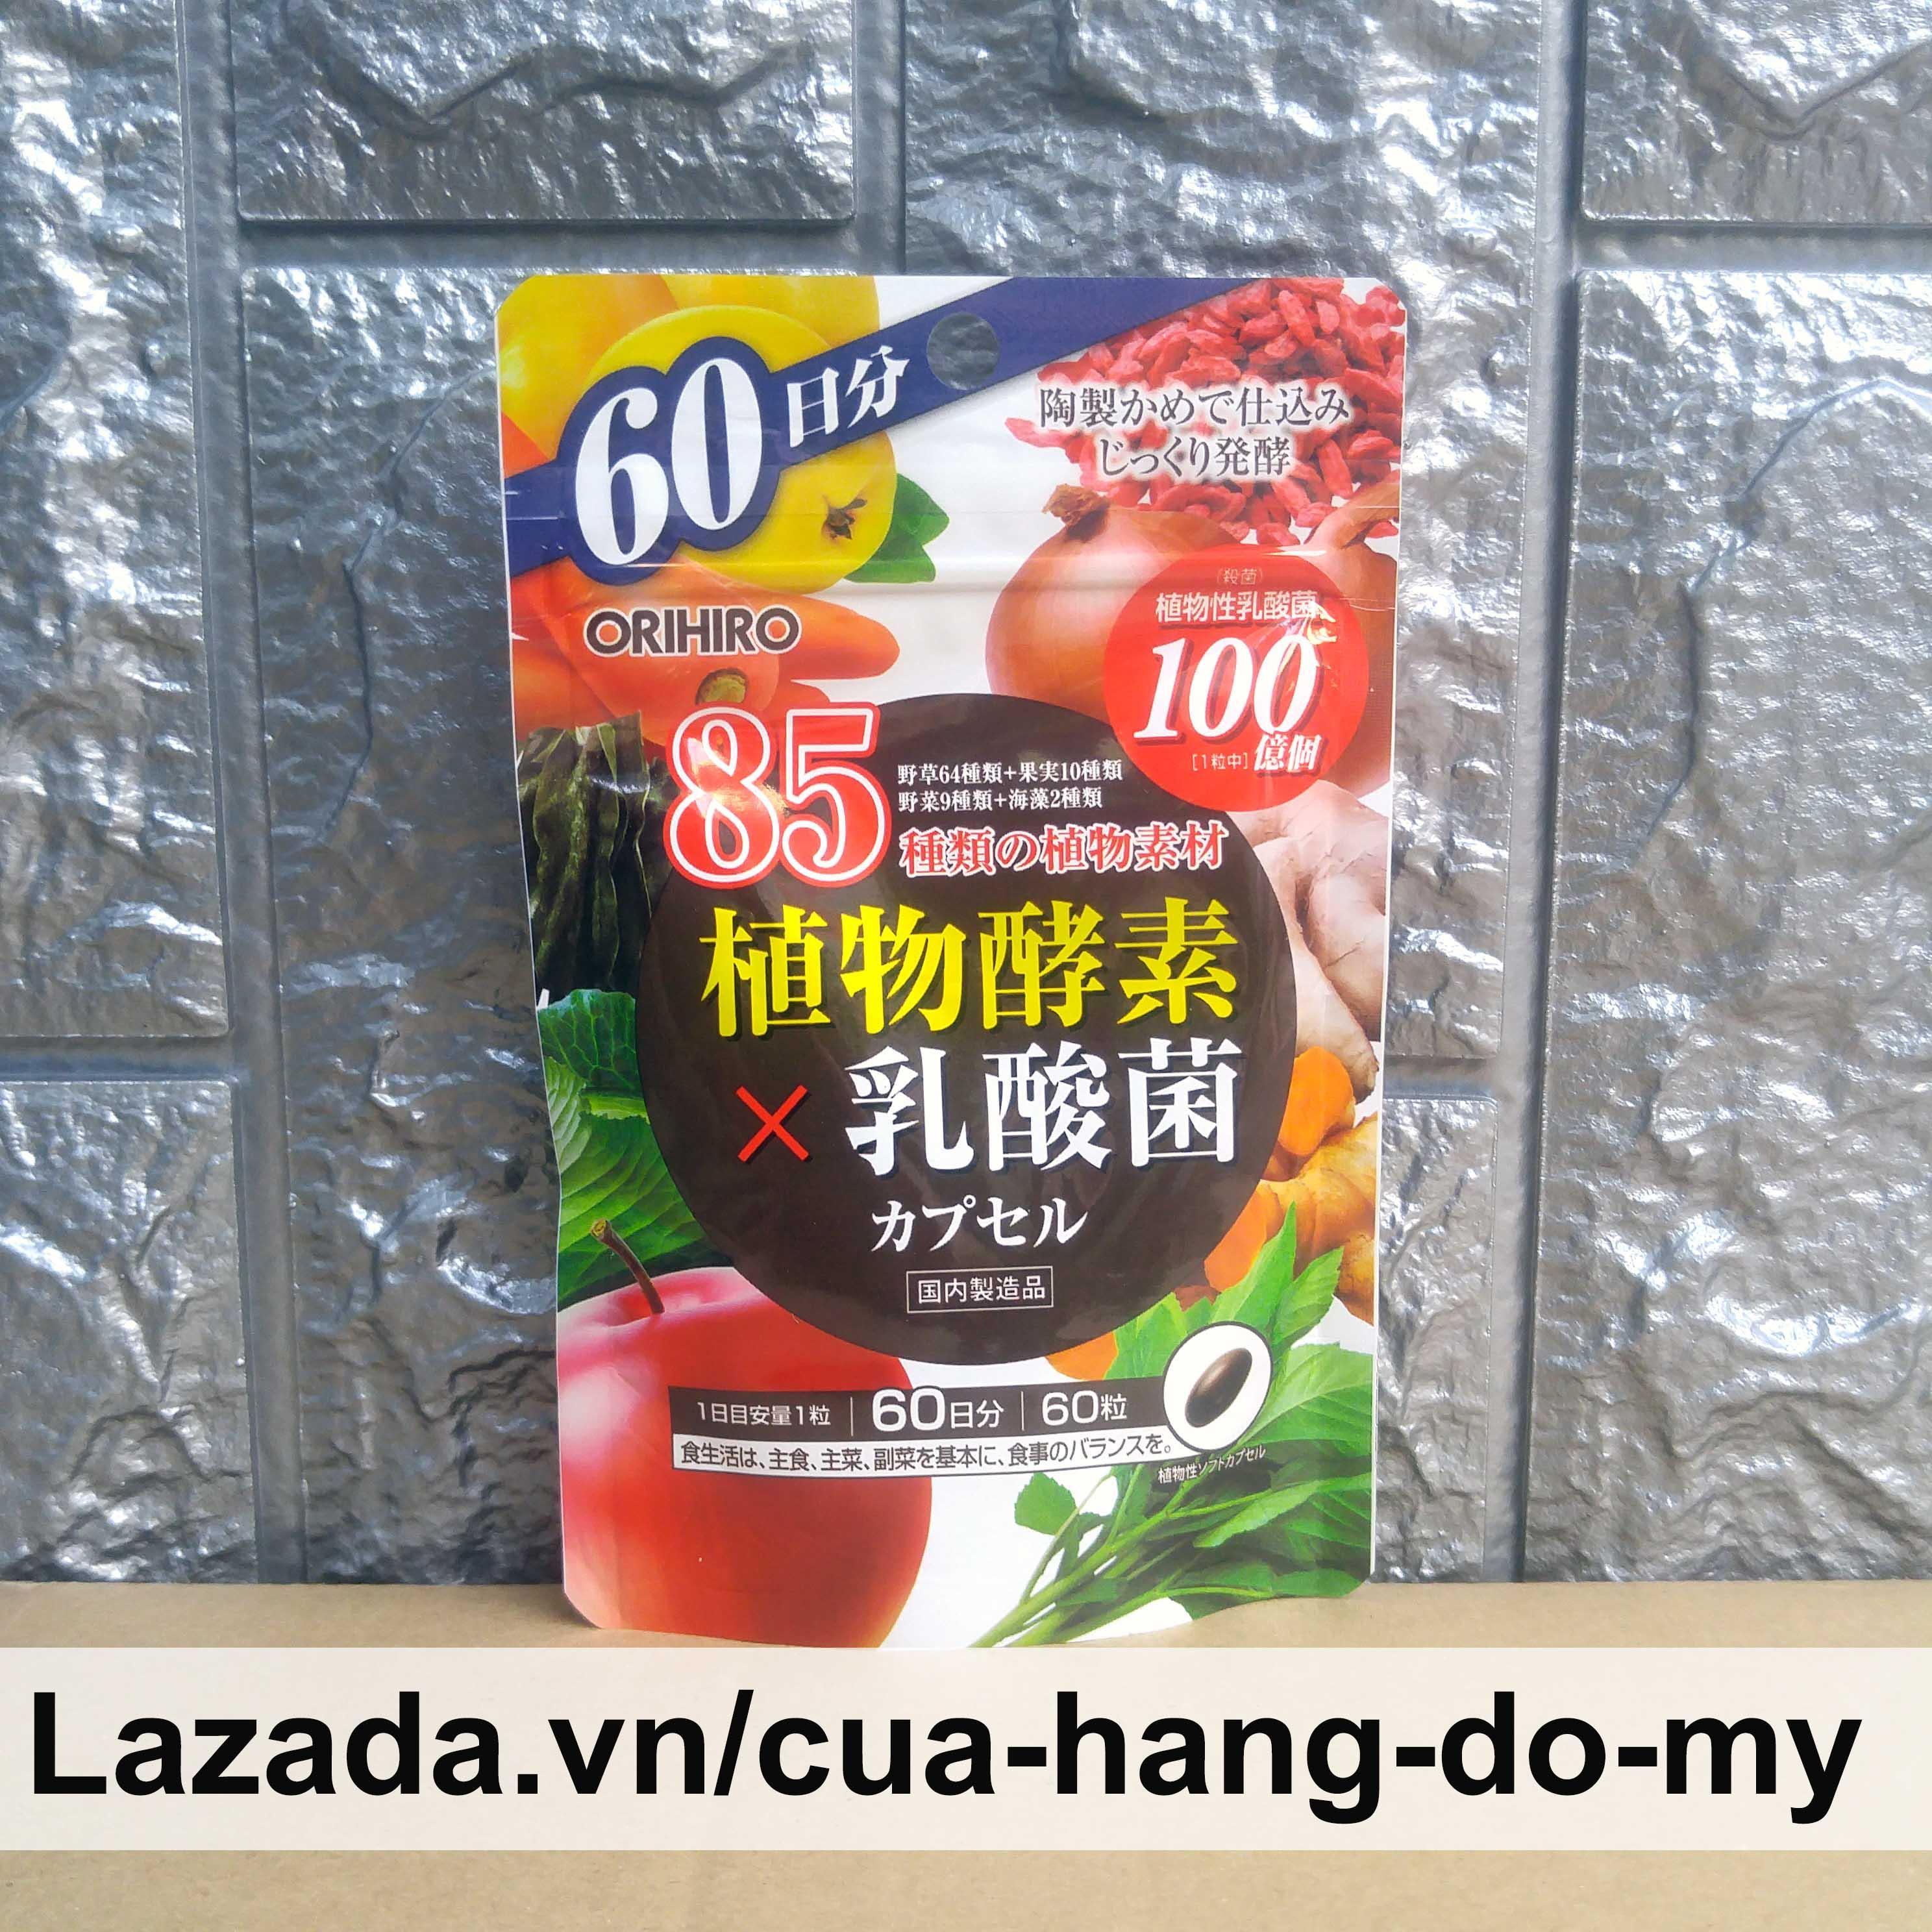 Viên uống rau củ quả lên men Enzyme thực vật Orihiro 60 viên Nhật Bản - Viên uống rau củ cao cấp